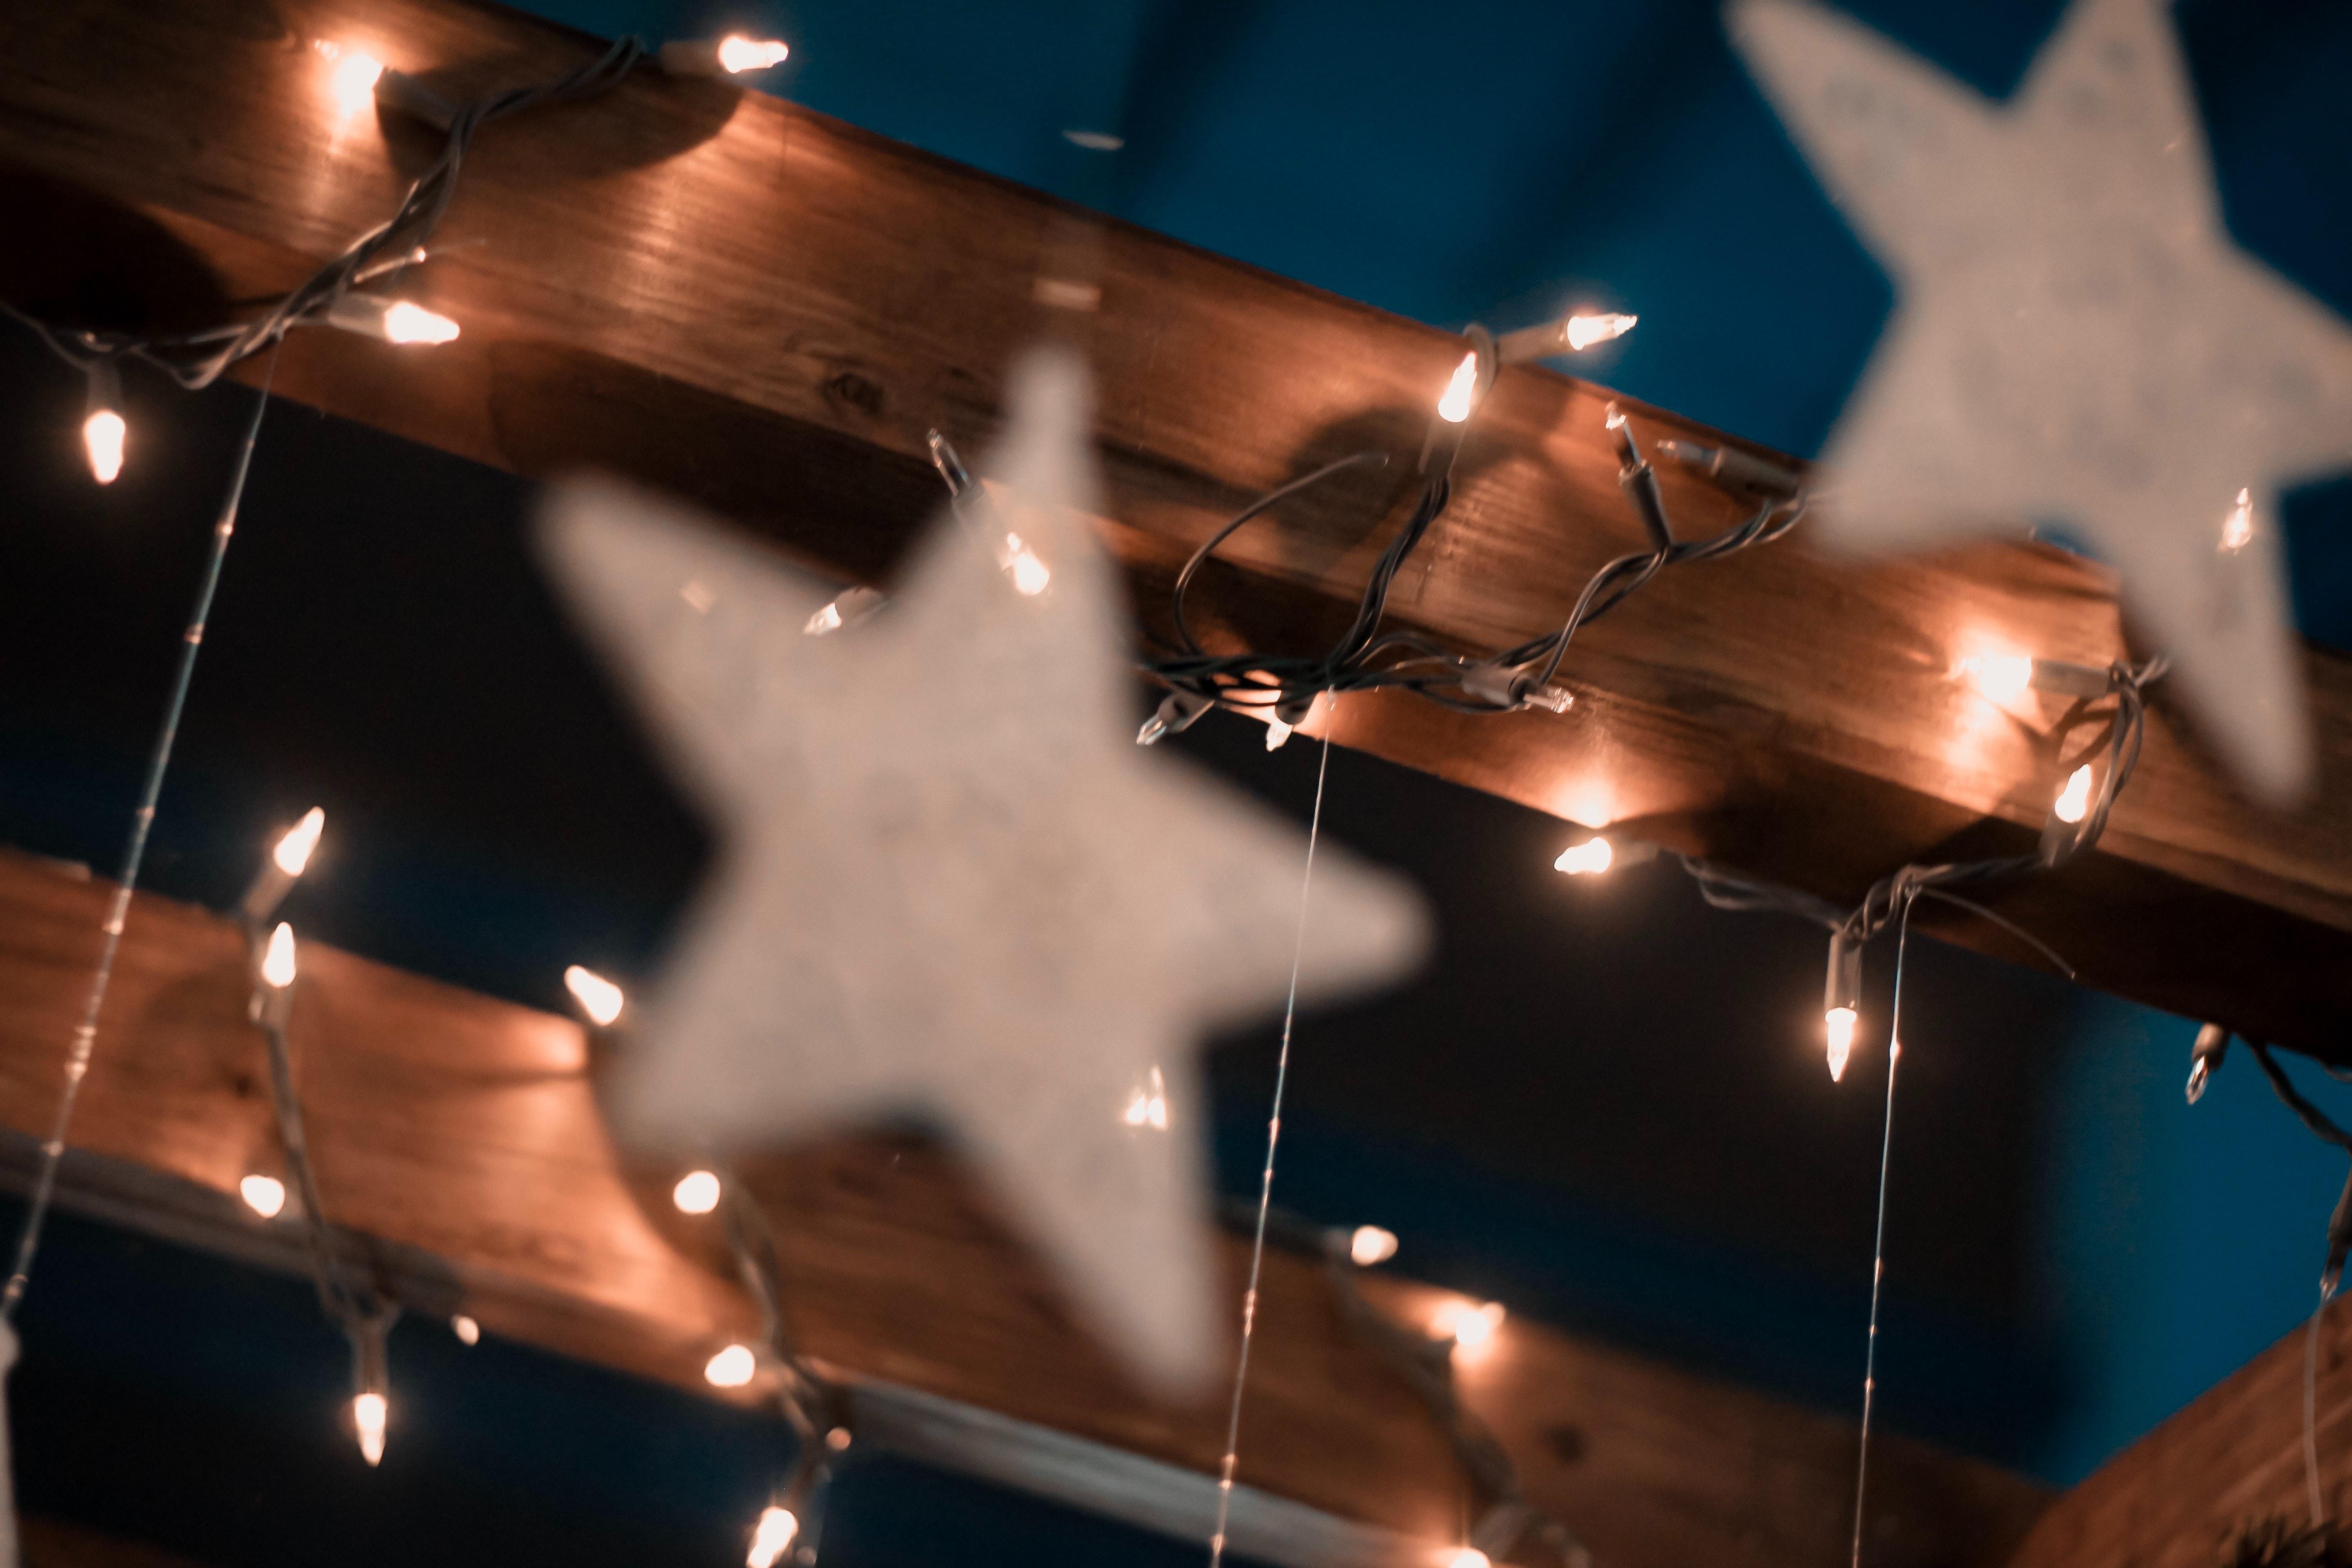 Újra látható a betlehemi csillag! Nézd meg ma te is!